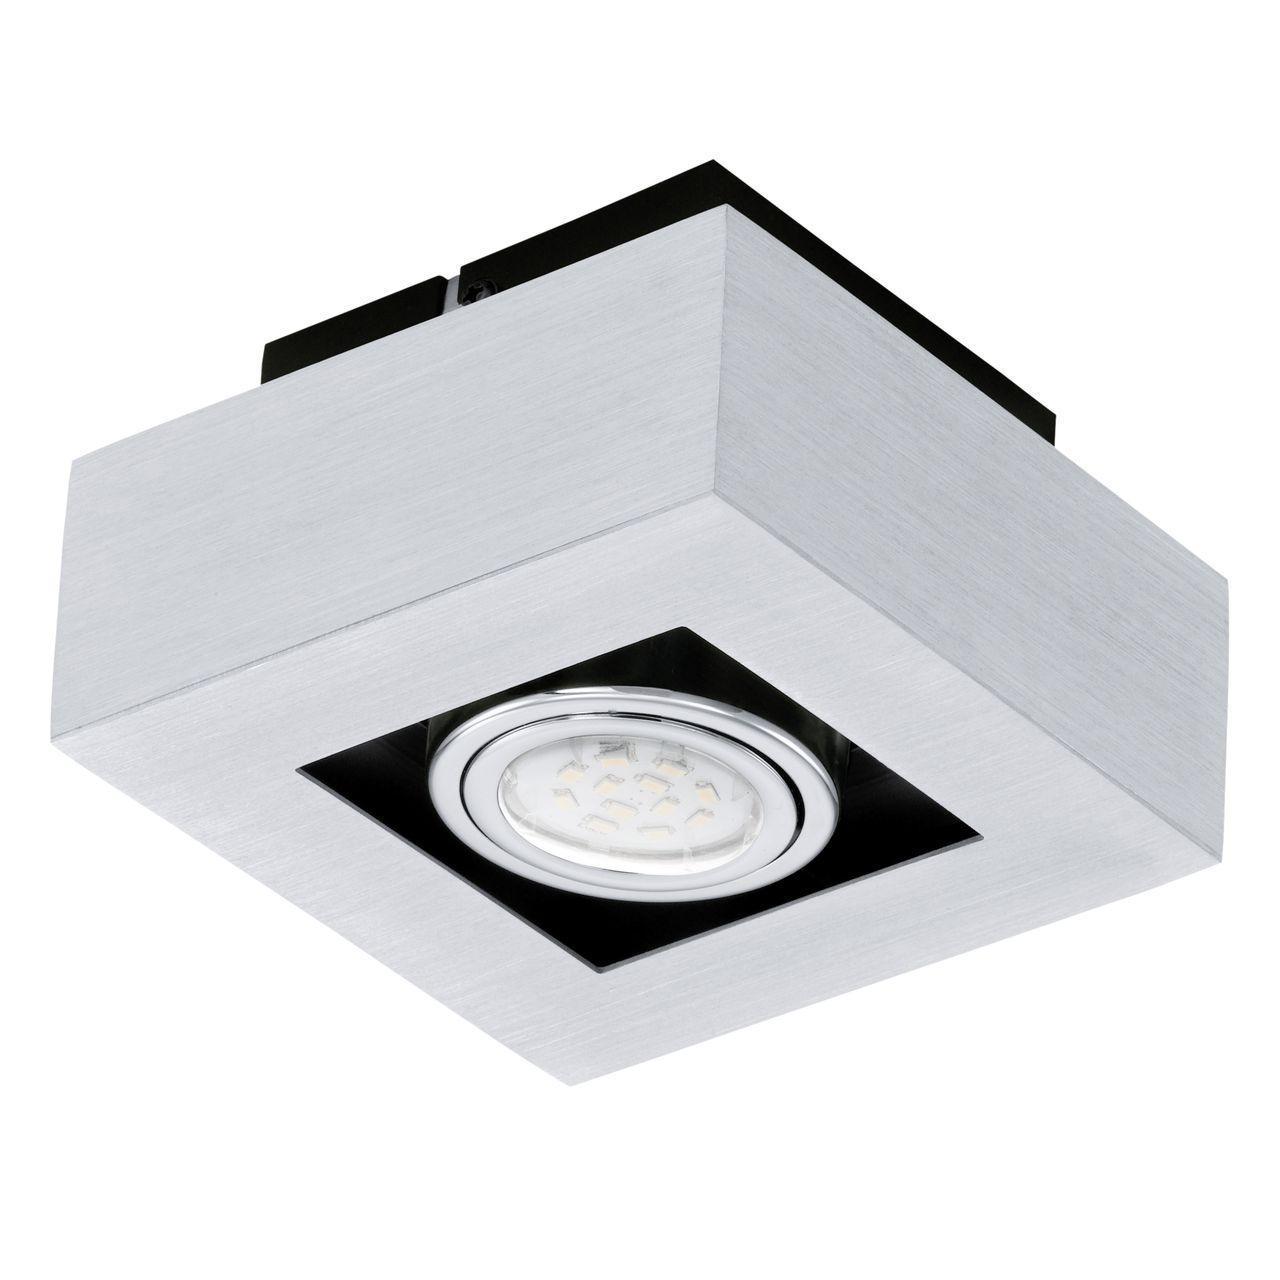 Потолочный светильник Eglo Loke 1 91352 eglo потолочный светильник eglo loke 1 91352